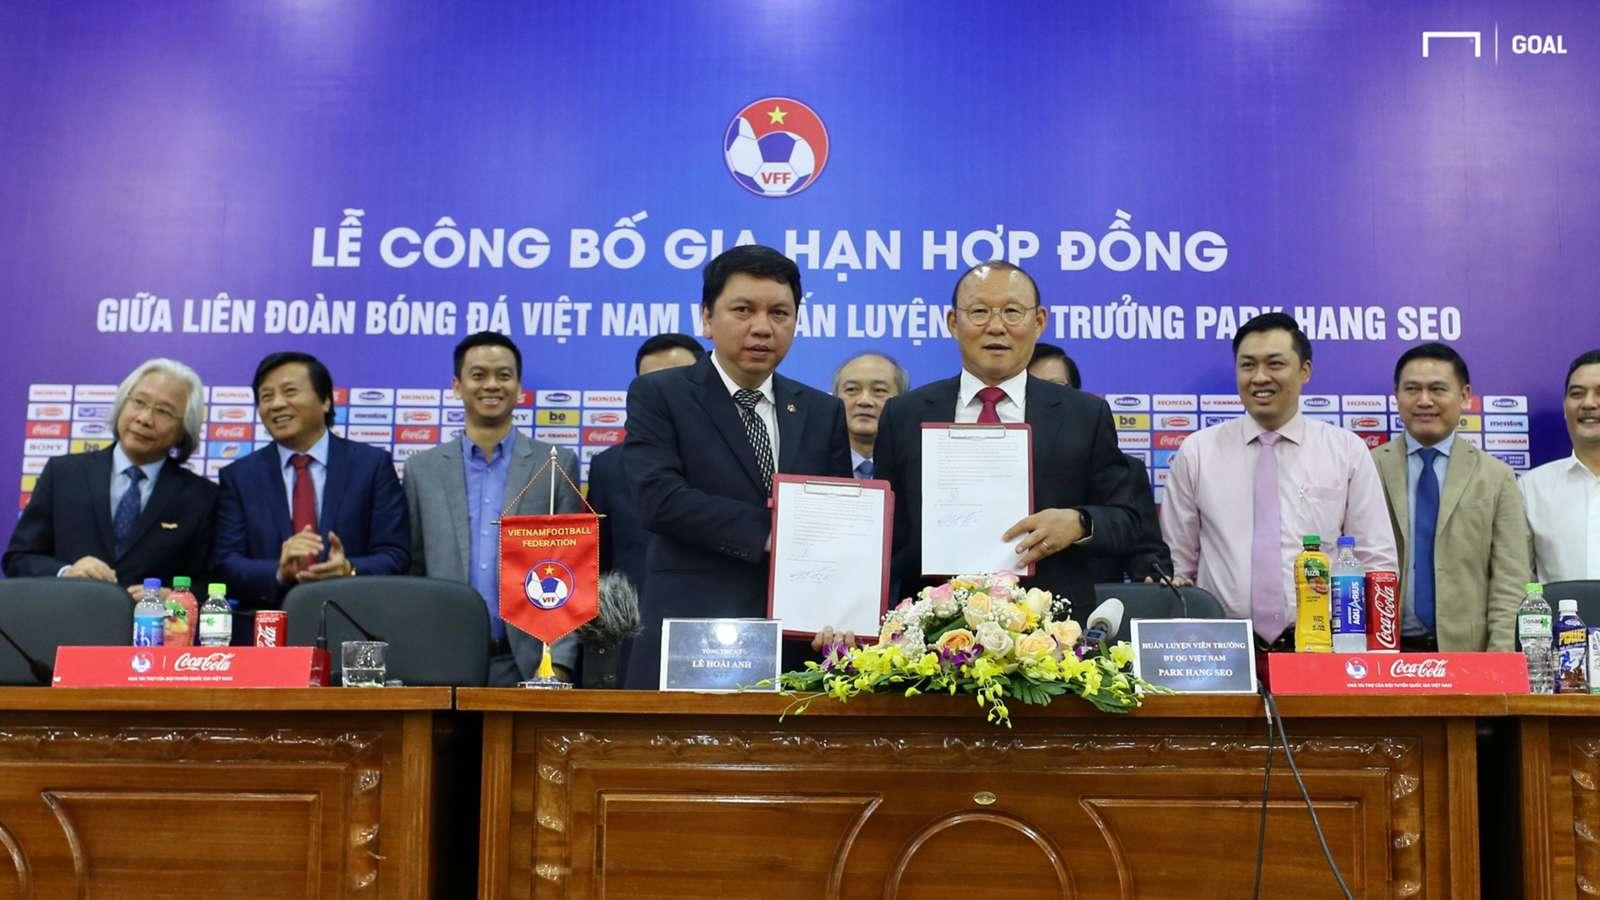 Thu nhập ngoài lương của HLV Park Hang-seo ở hợp đồng mới với VFF - Hình 1